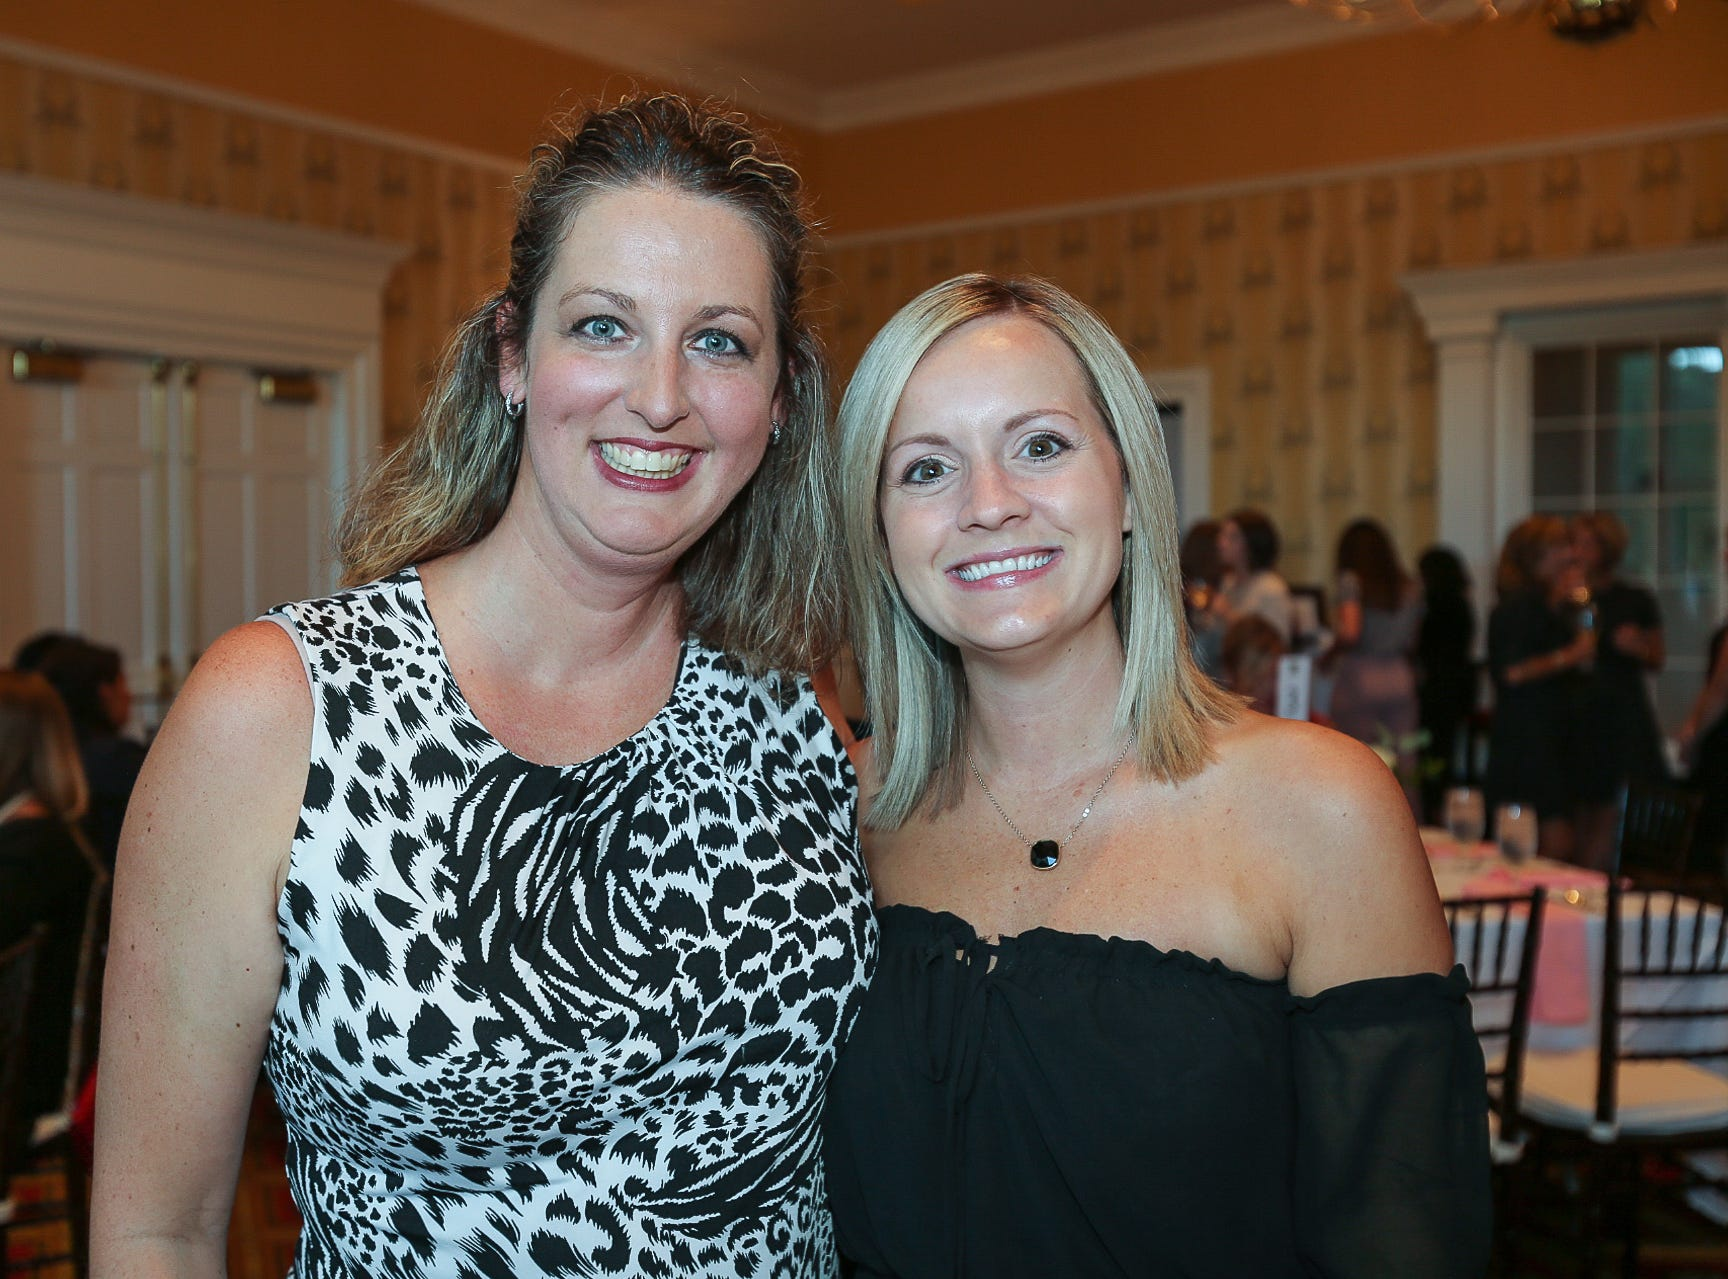 Melissa Borras and Hannah McCraig